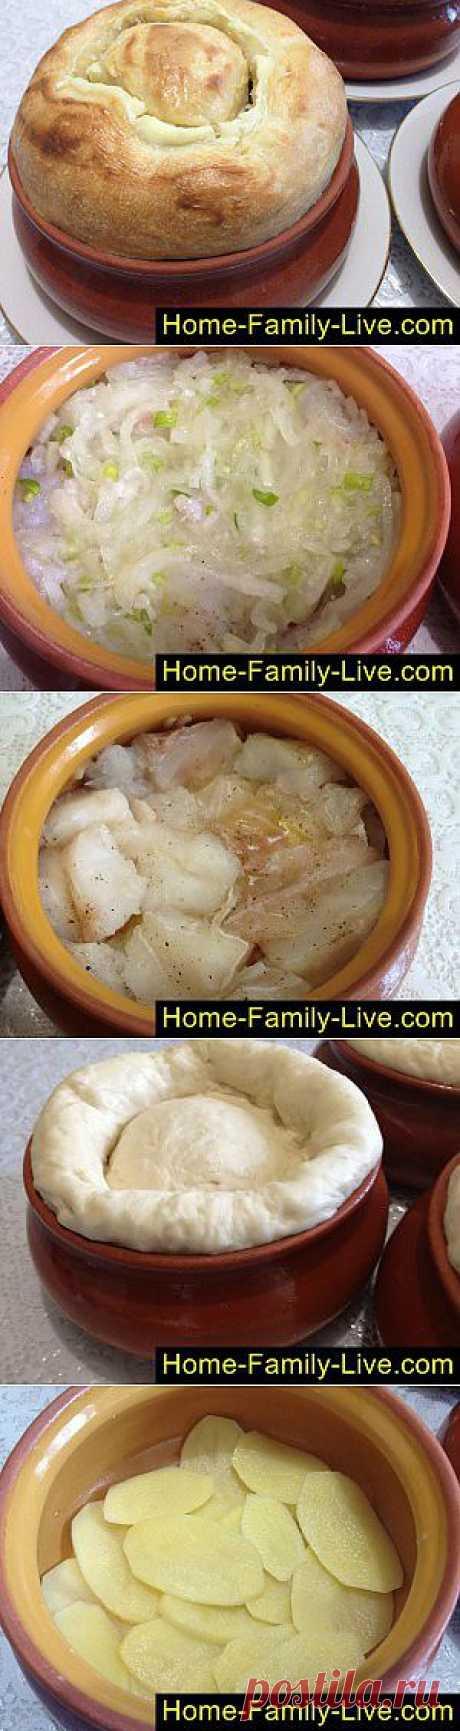 Кулинарные рецепты Рыба в горшочке - пошаговый фоторецепт - рыба тушеная с картошкой в г